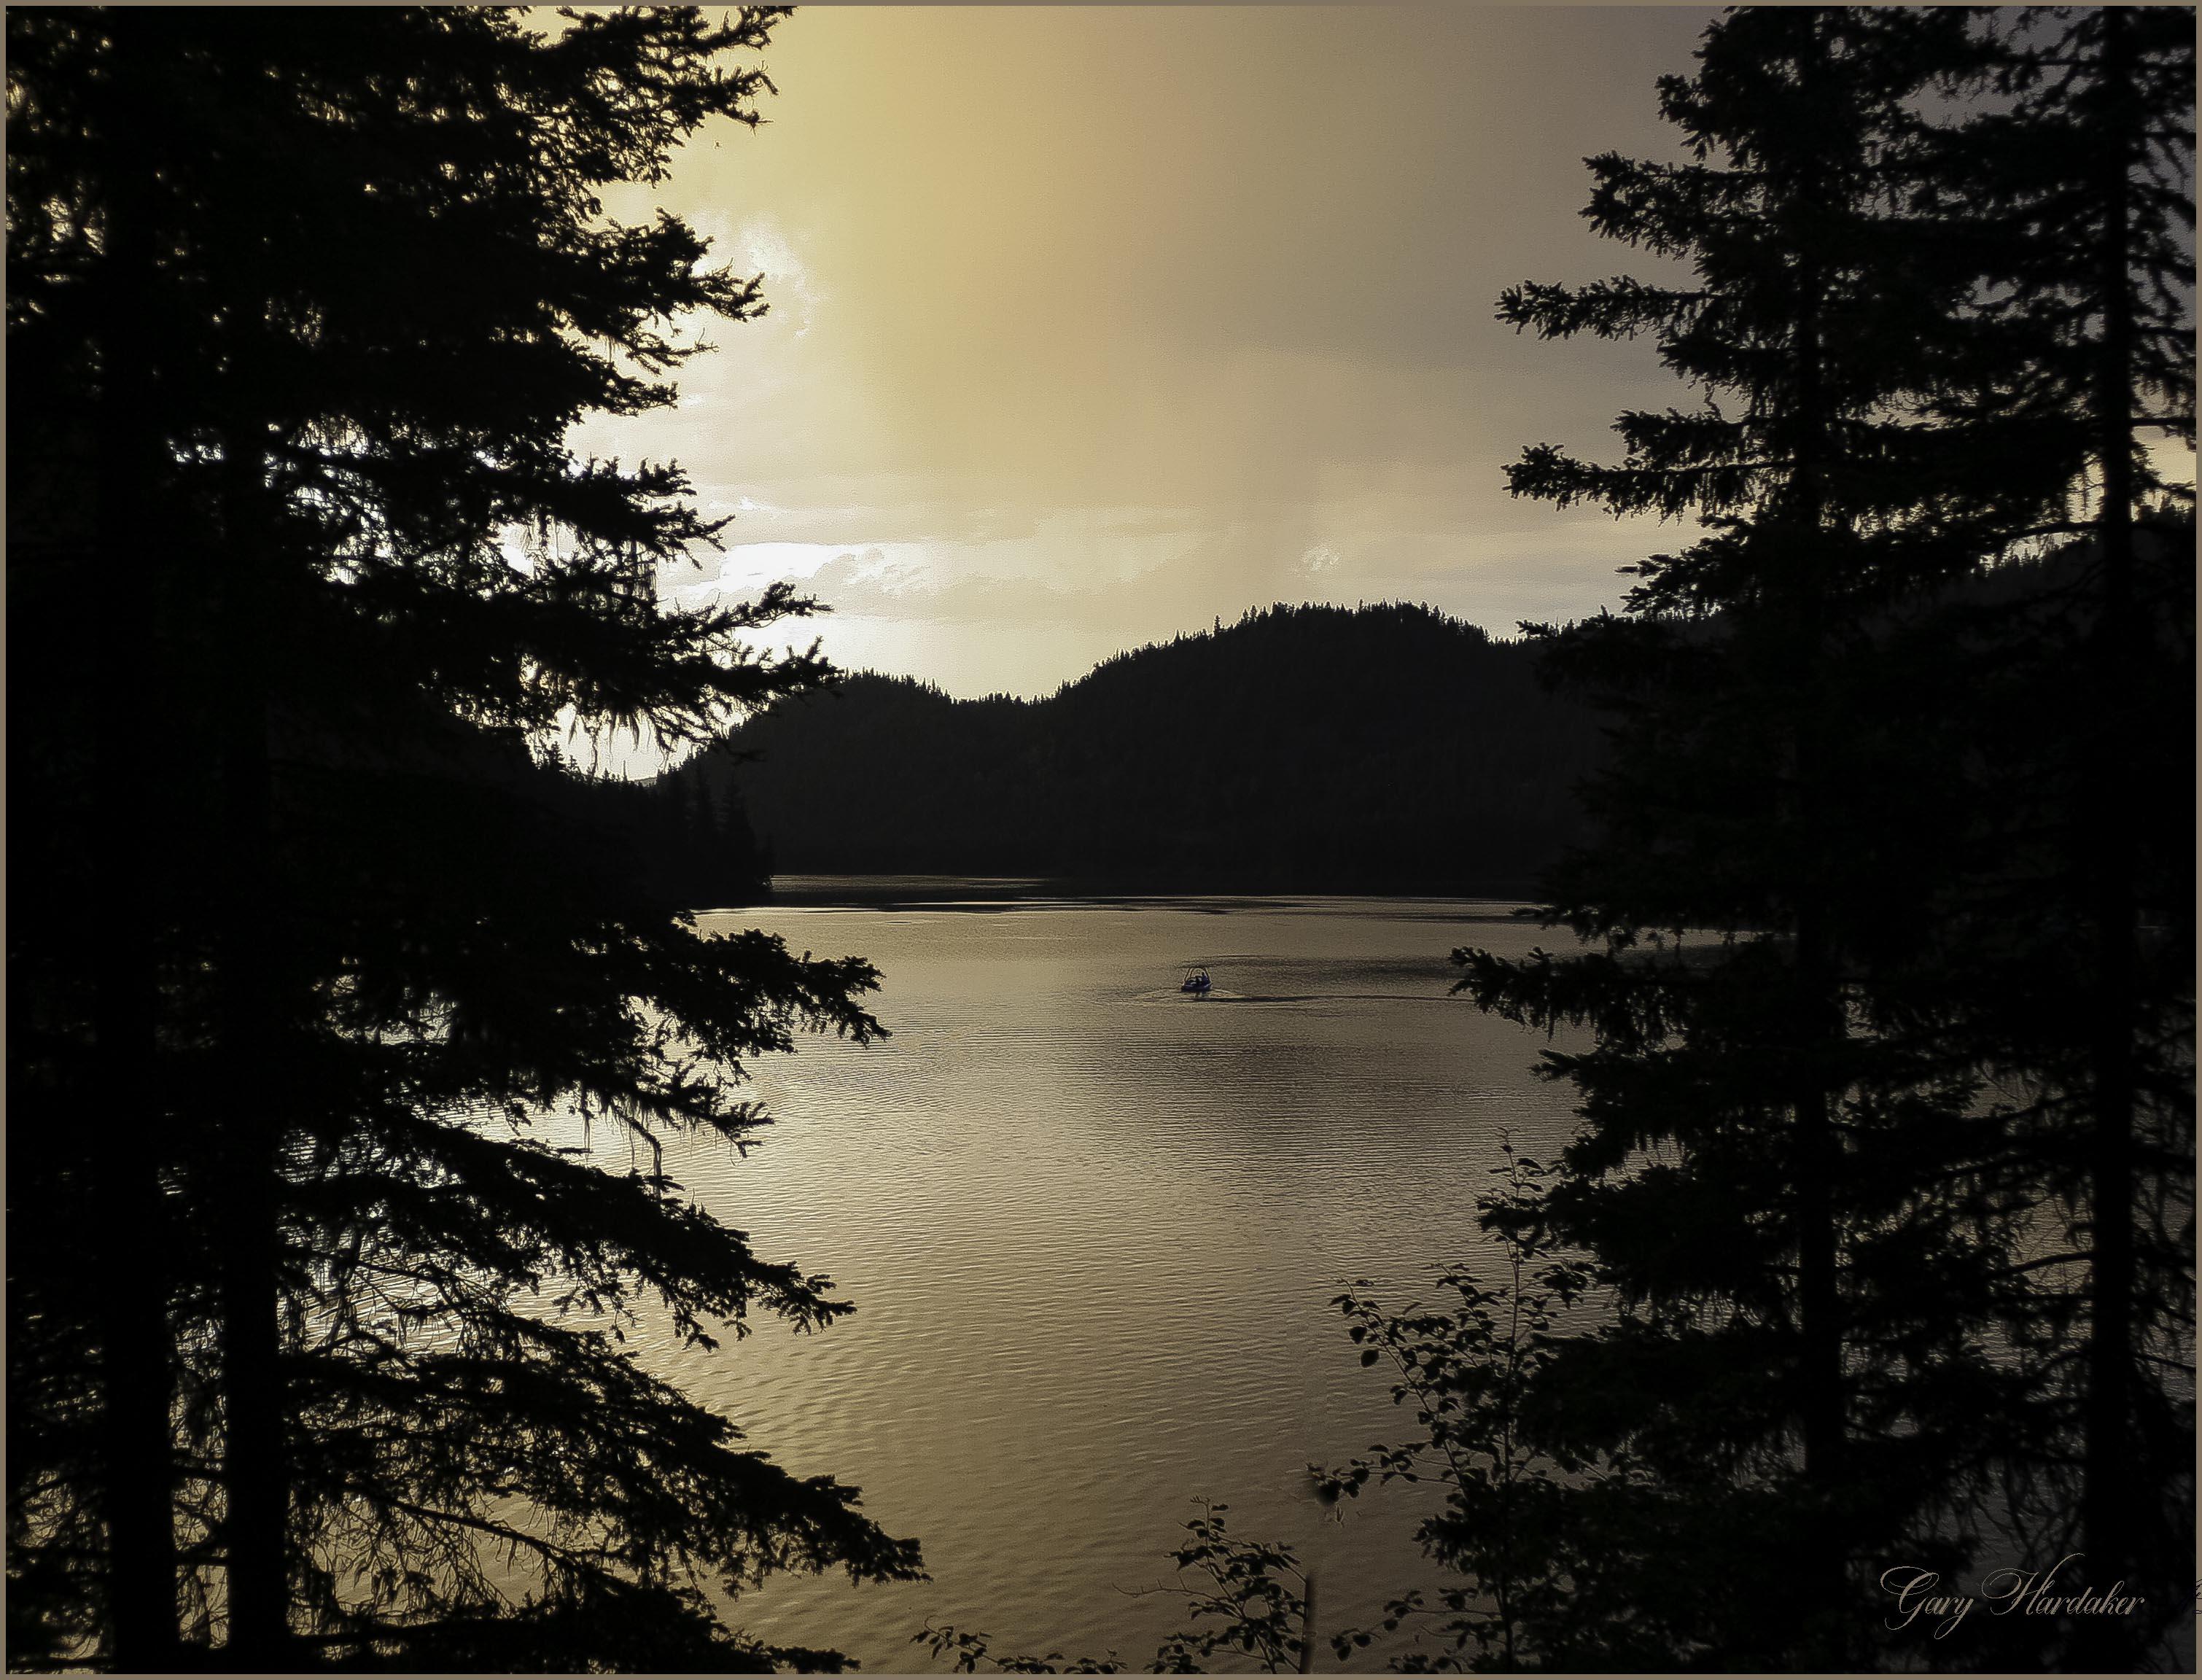 Twilight Time- Missezula - Gary Hardaker